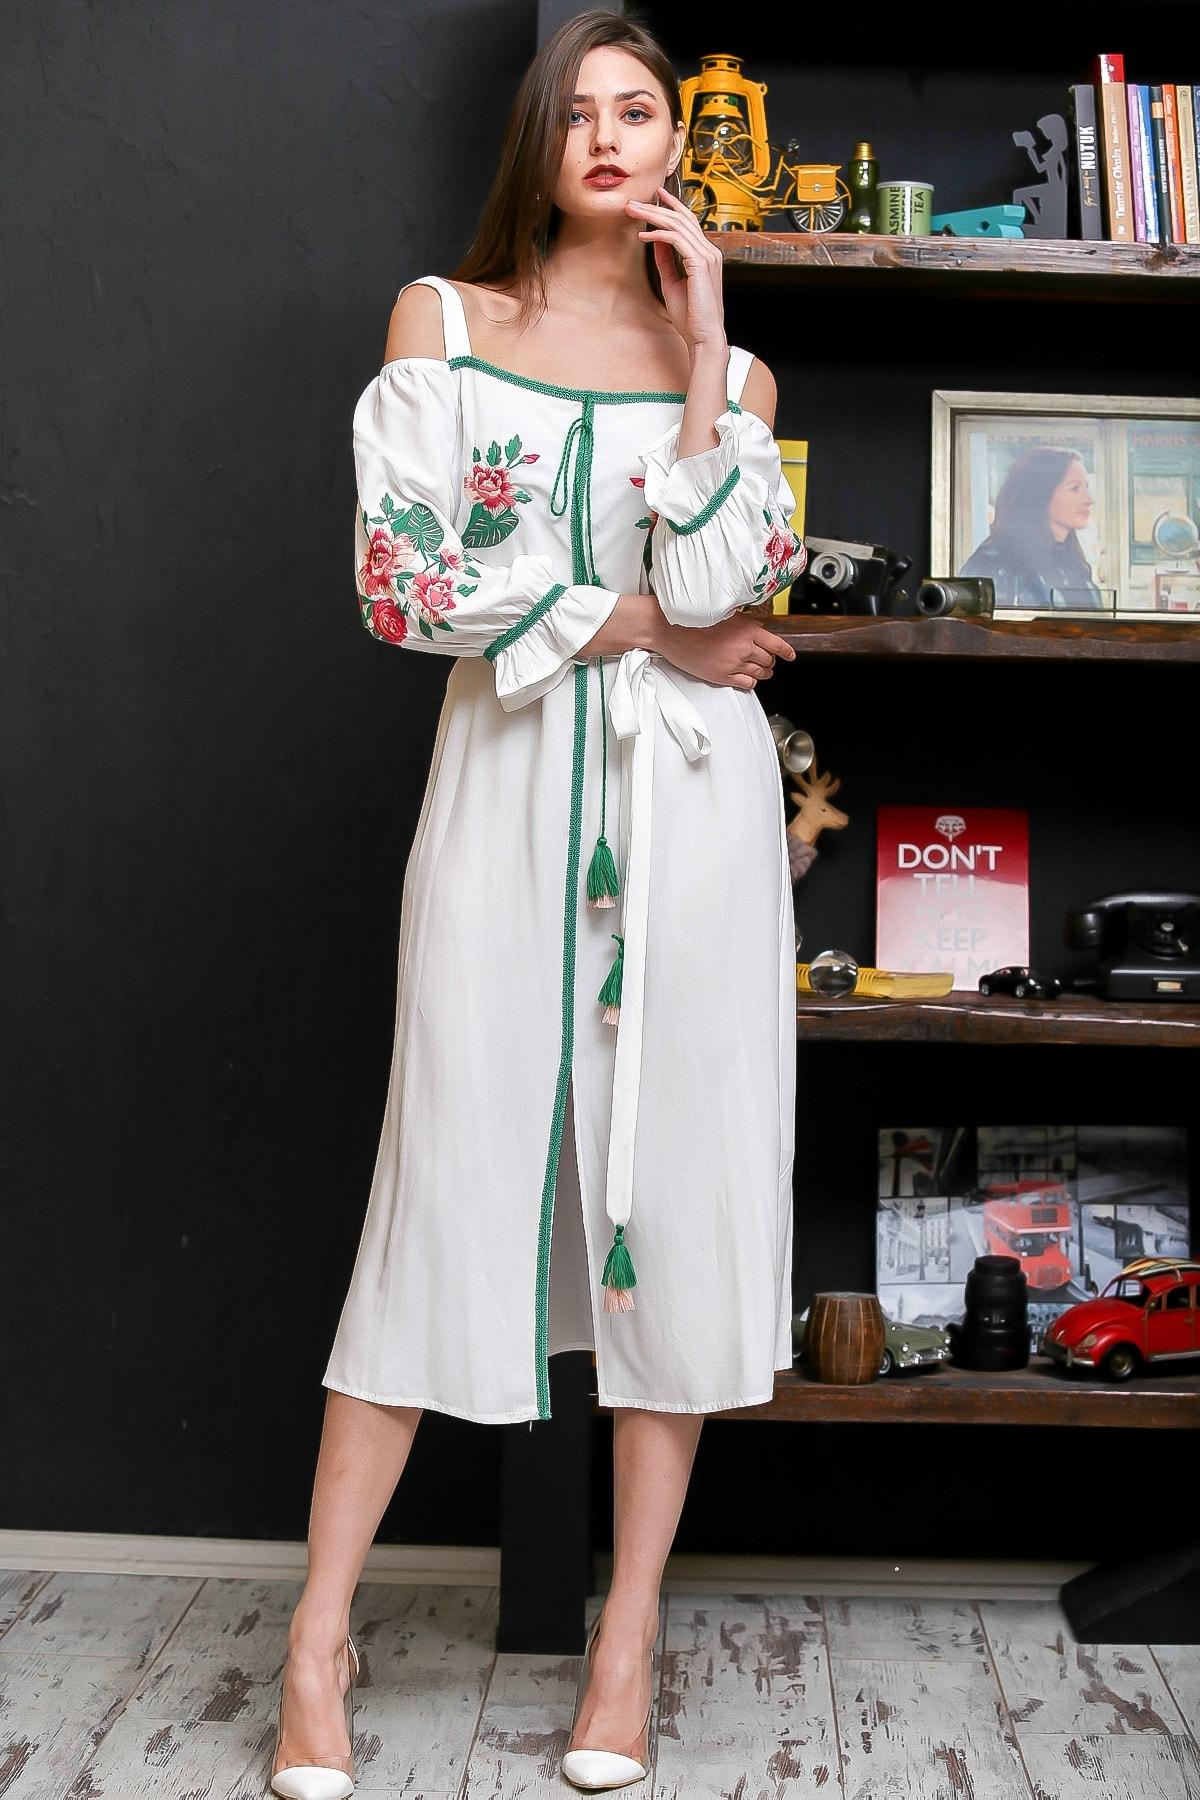 Chiccy Kadın Beyaz Carmen Yaka Gül Nakışlı Şeritli Püsküllü Kuşaklı Askılı Dokuma Elbise M10160000EL95875 3